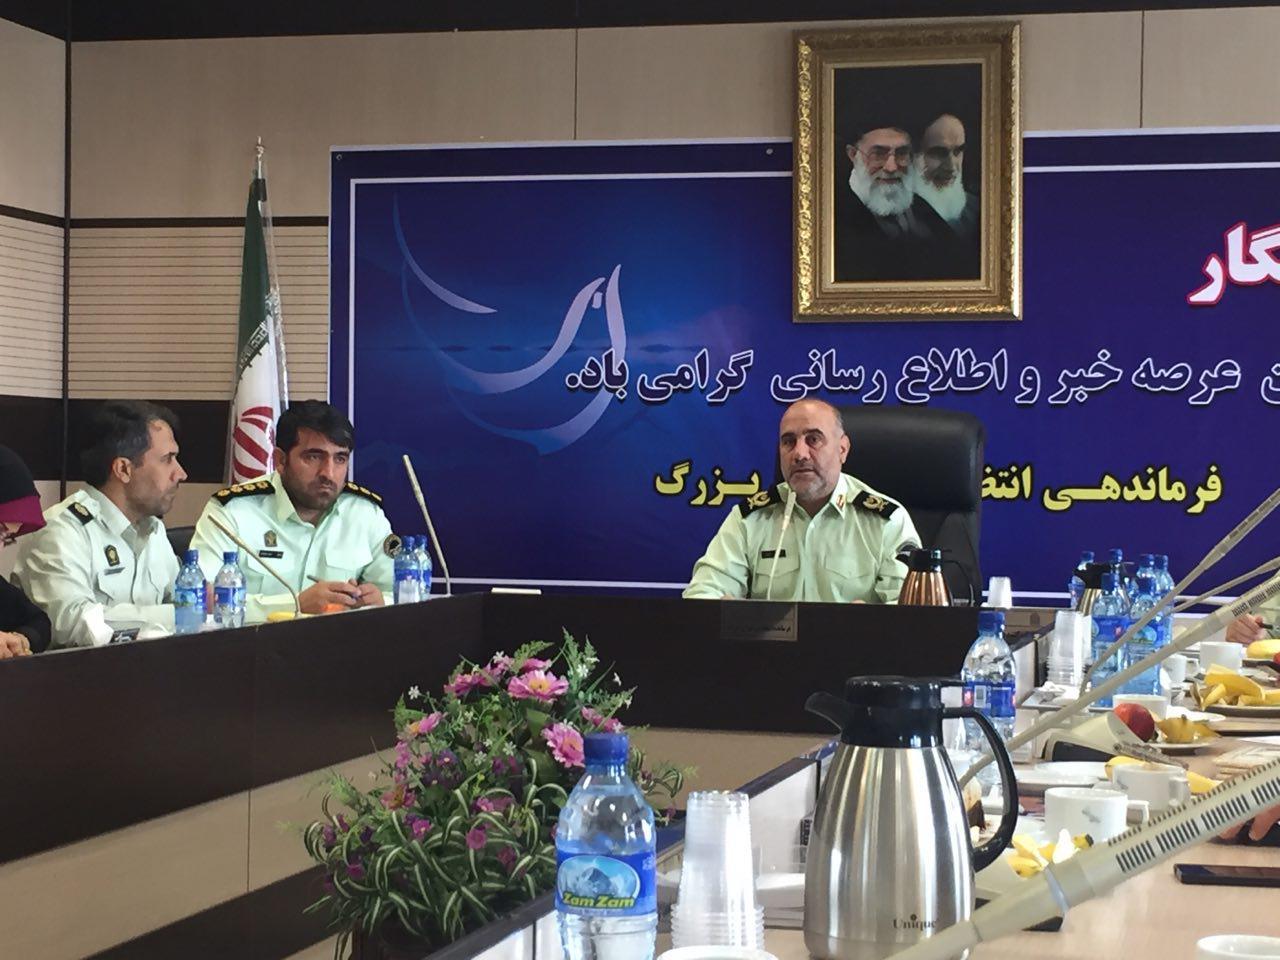 رئیس پلیس جدید تهران:میتوان از قفلشدن معابر تهران جلوگیری کرد